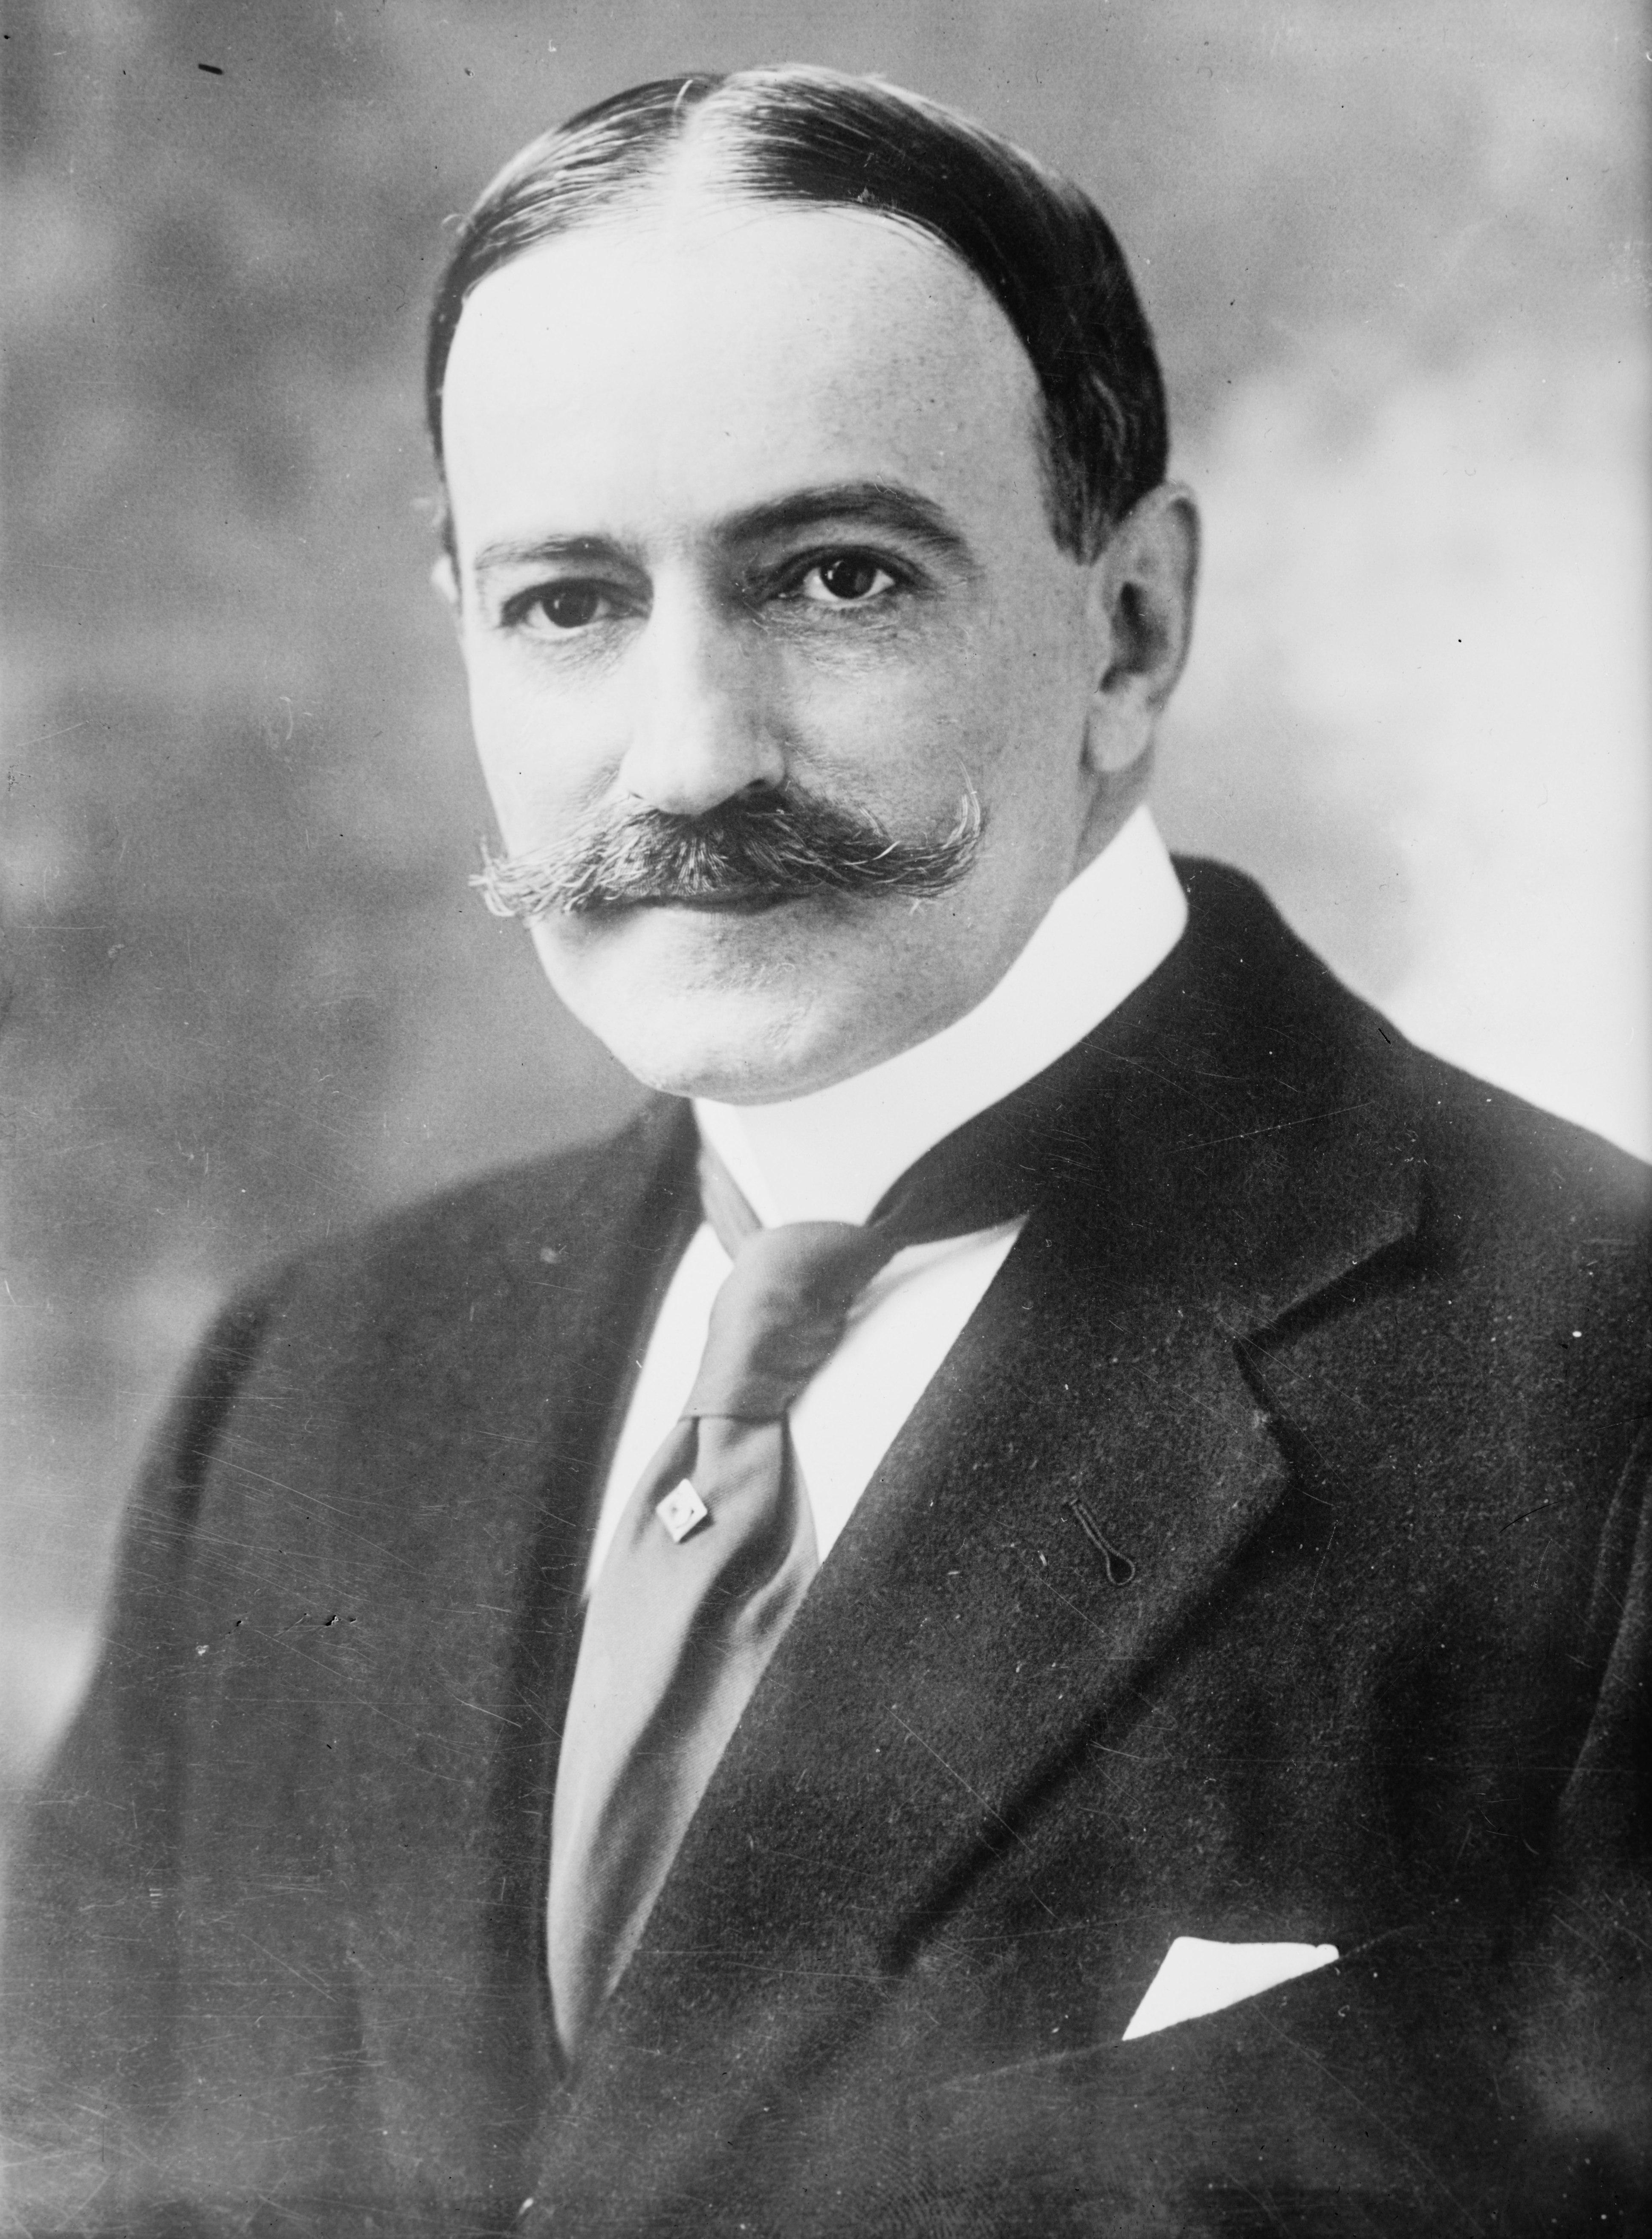 Carlos_Manuel_de_C%C3%A9spedes_y_Quesada_circa_1914.jpg